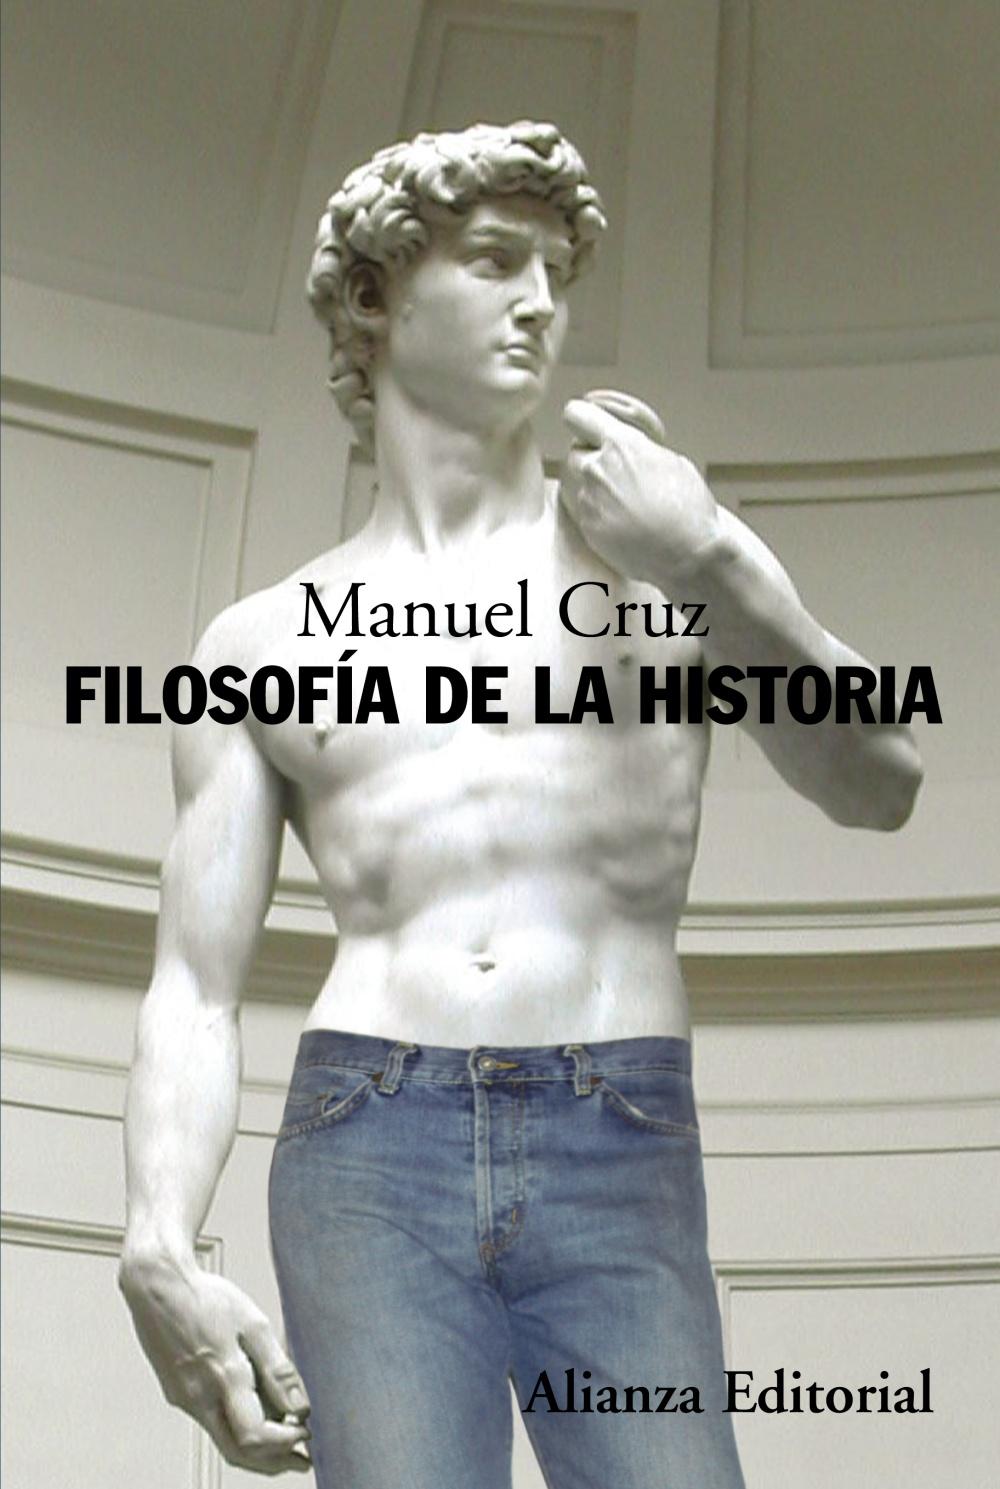 Filosofia De La Historia - Vv.aa.